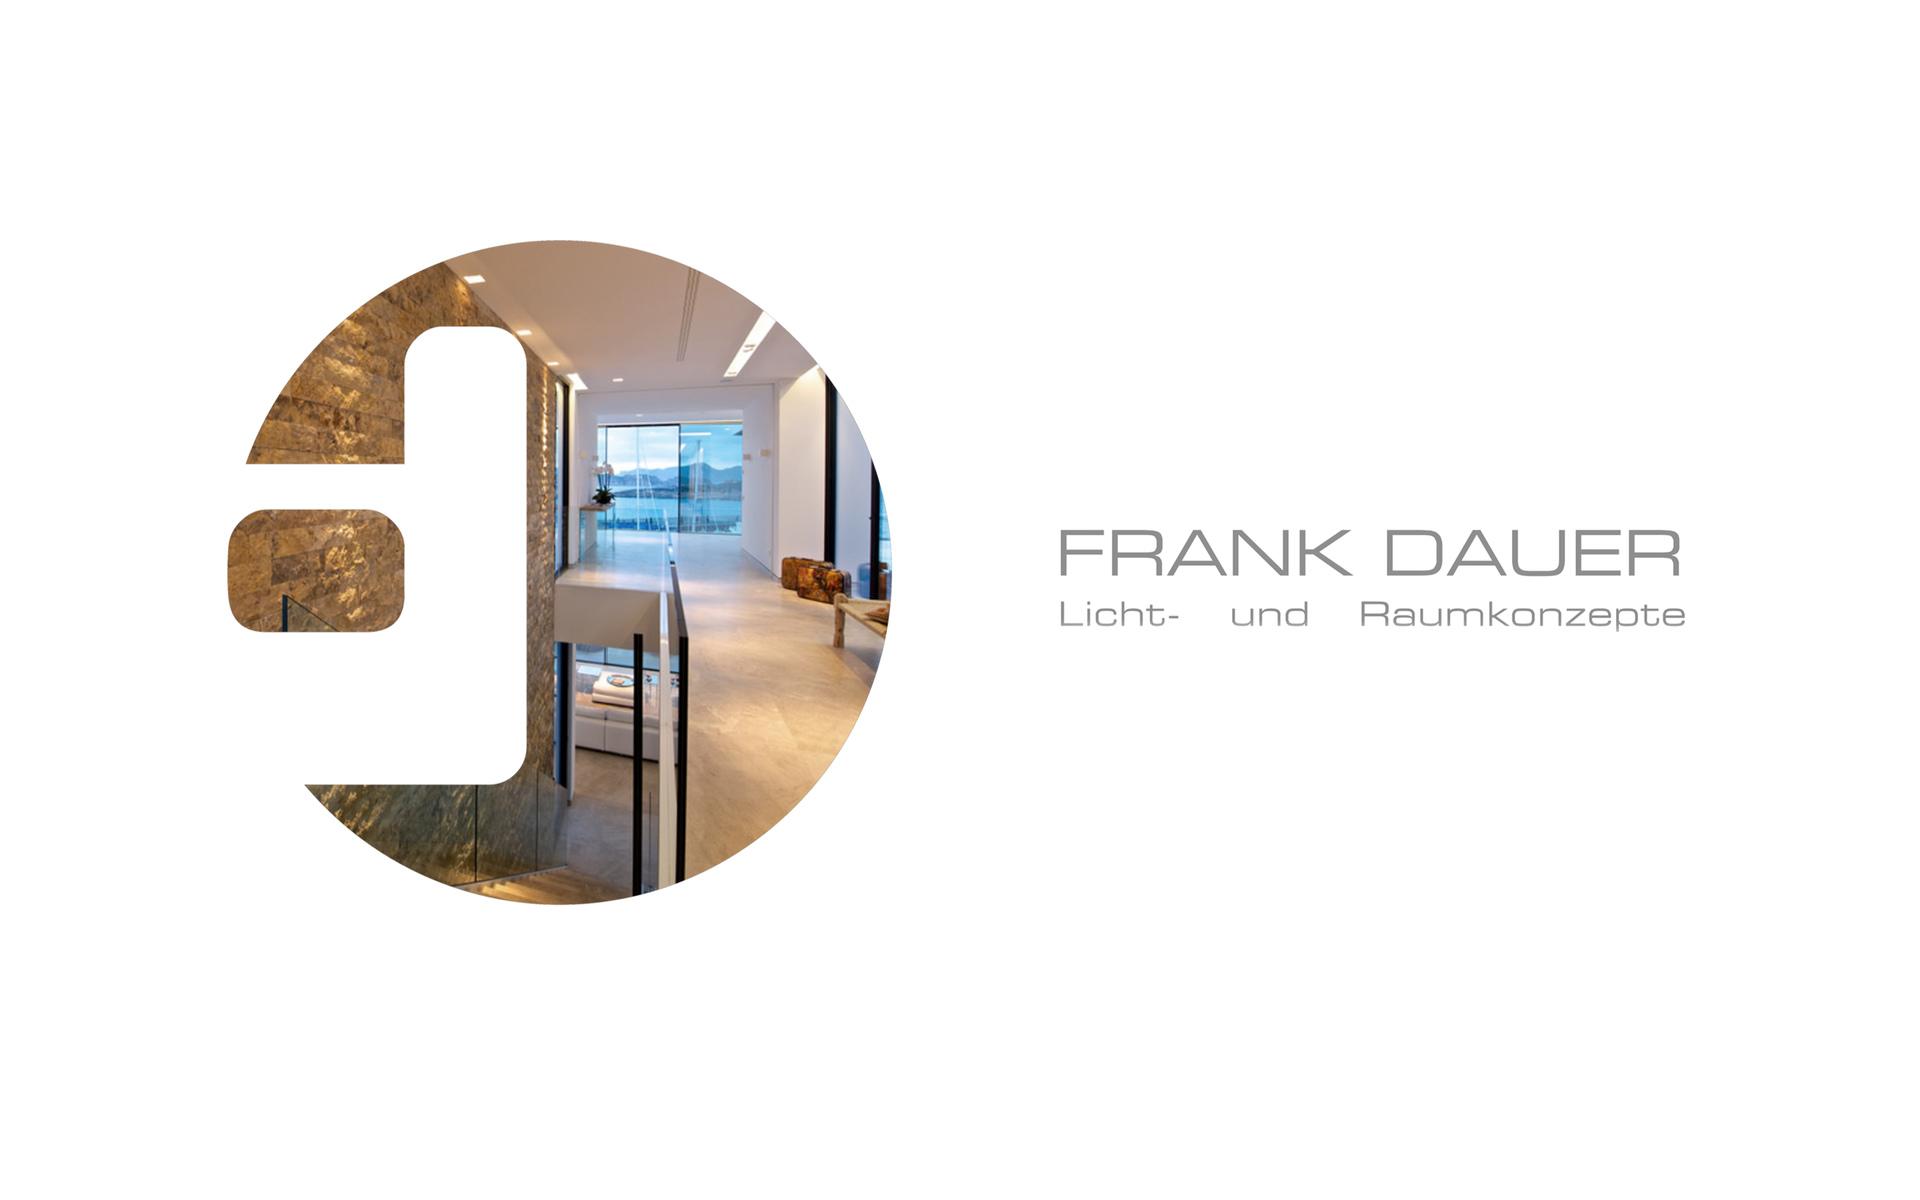 Frank Dauer Licht- und Raumkonzepte